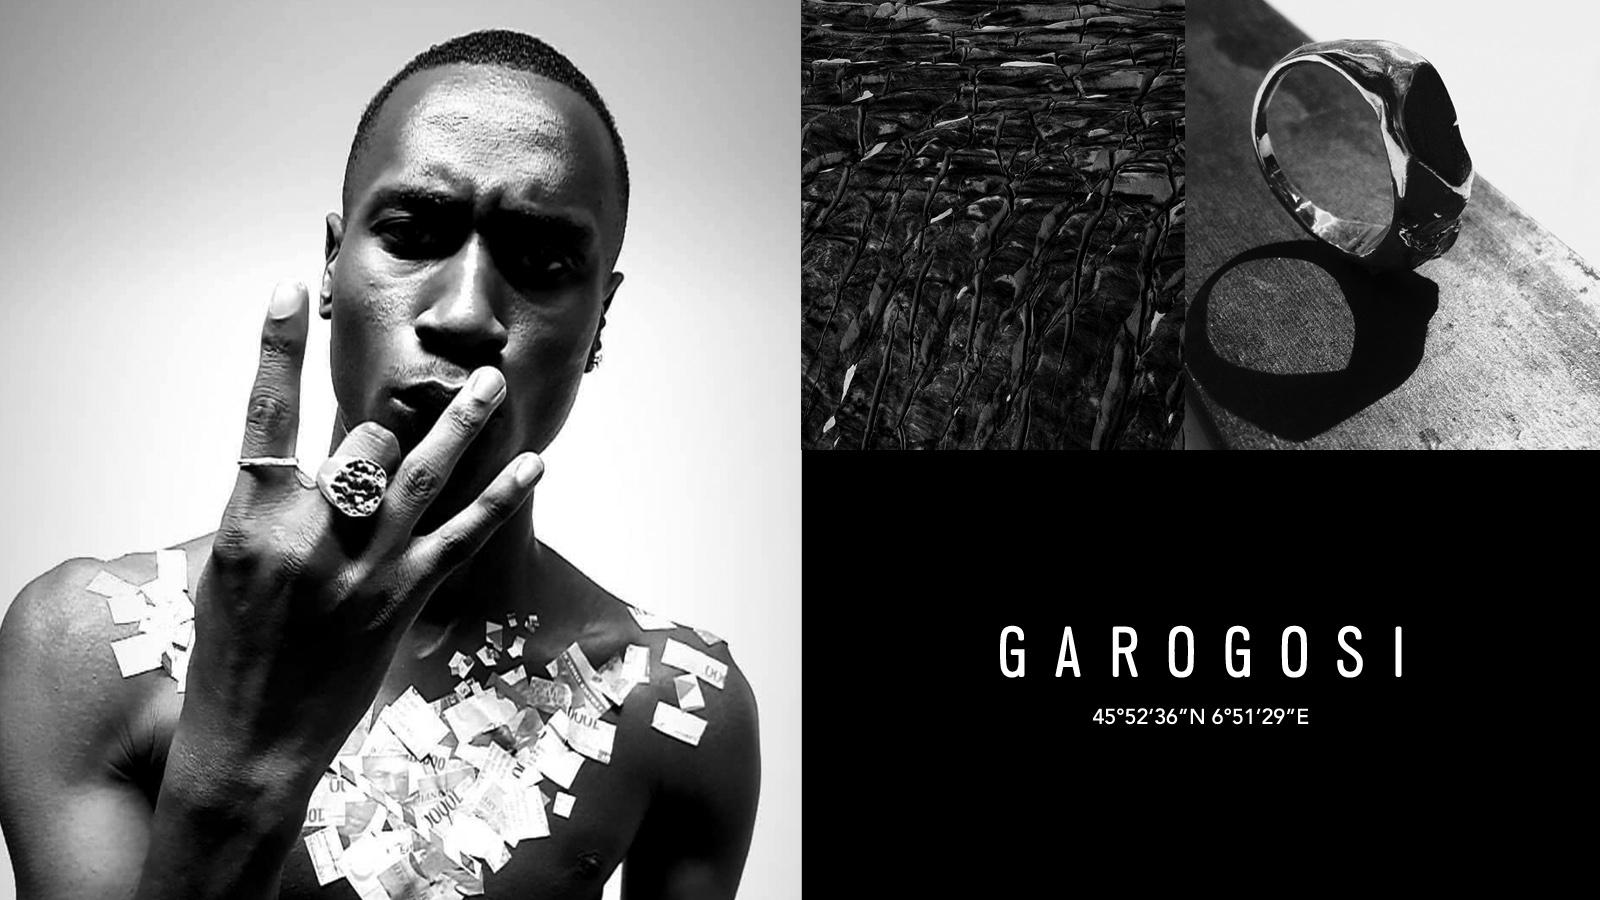 Thumbnail of Garogosi